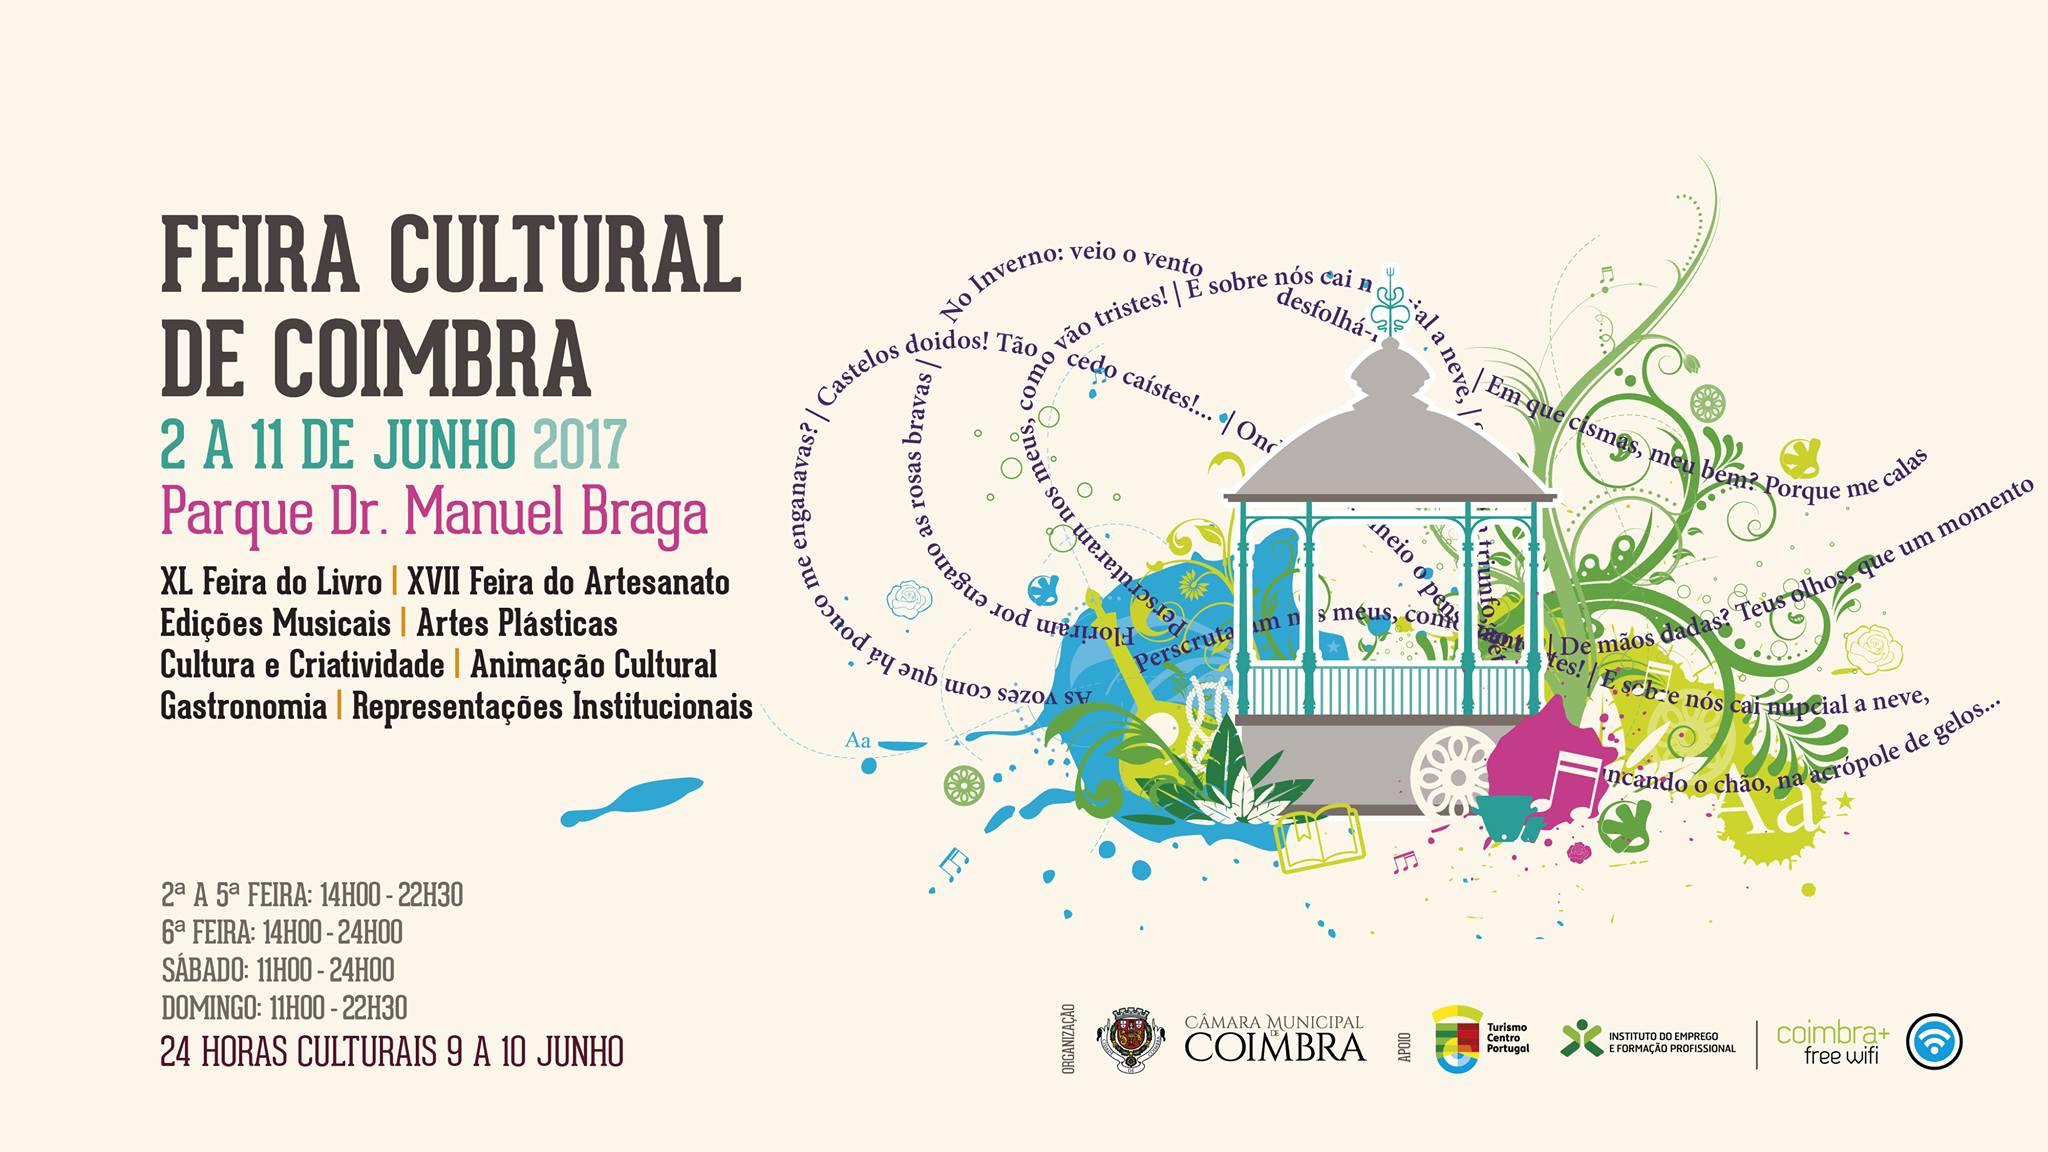 Feira Cultural de Coimbra 2017 | De 2 a 11 de Junho